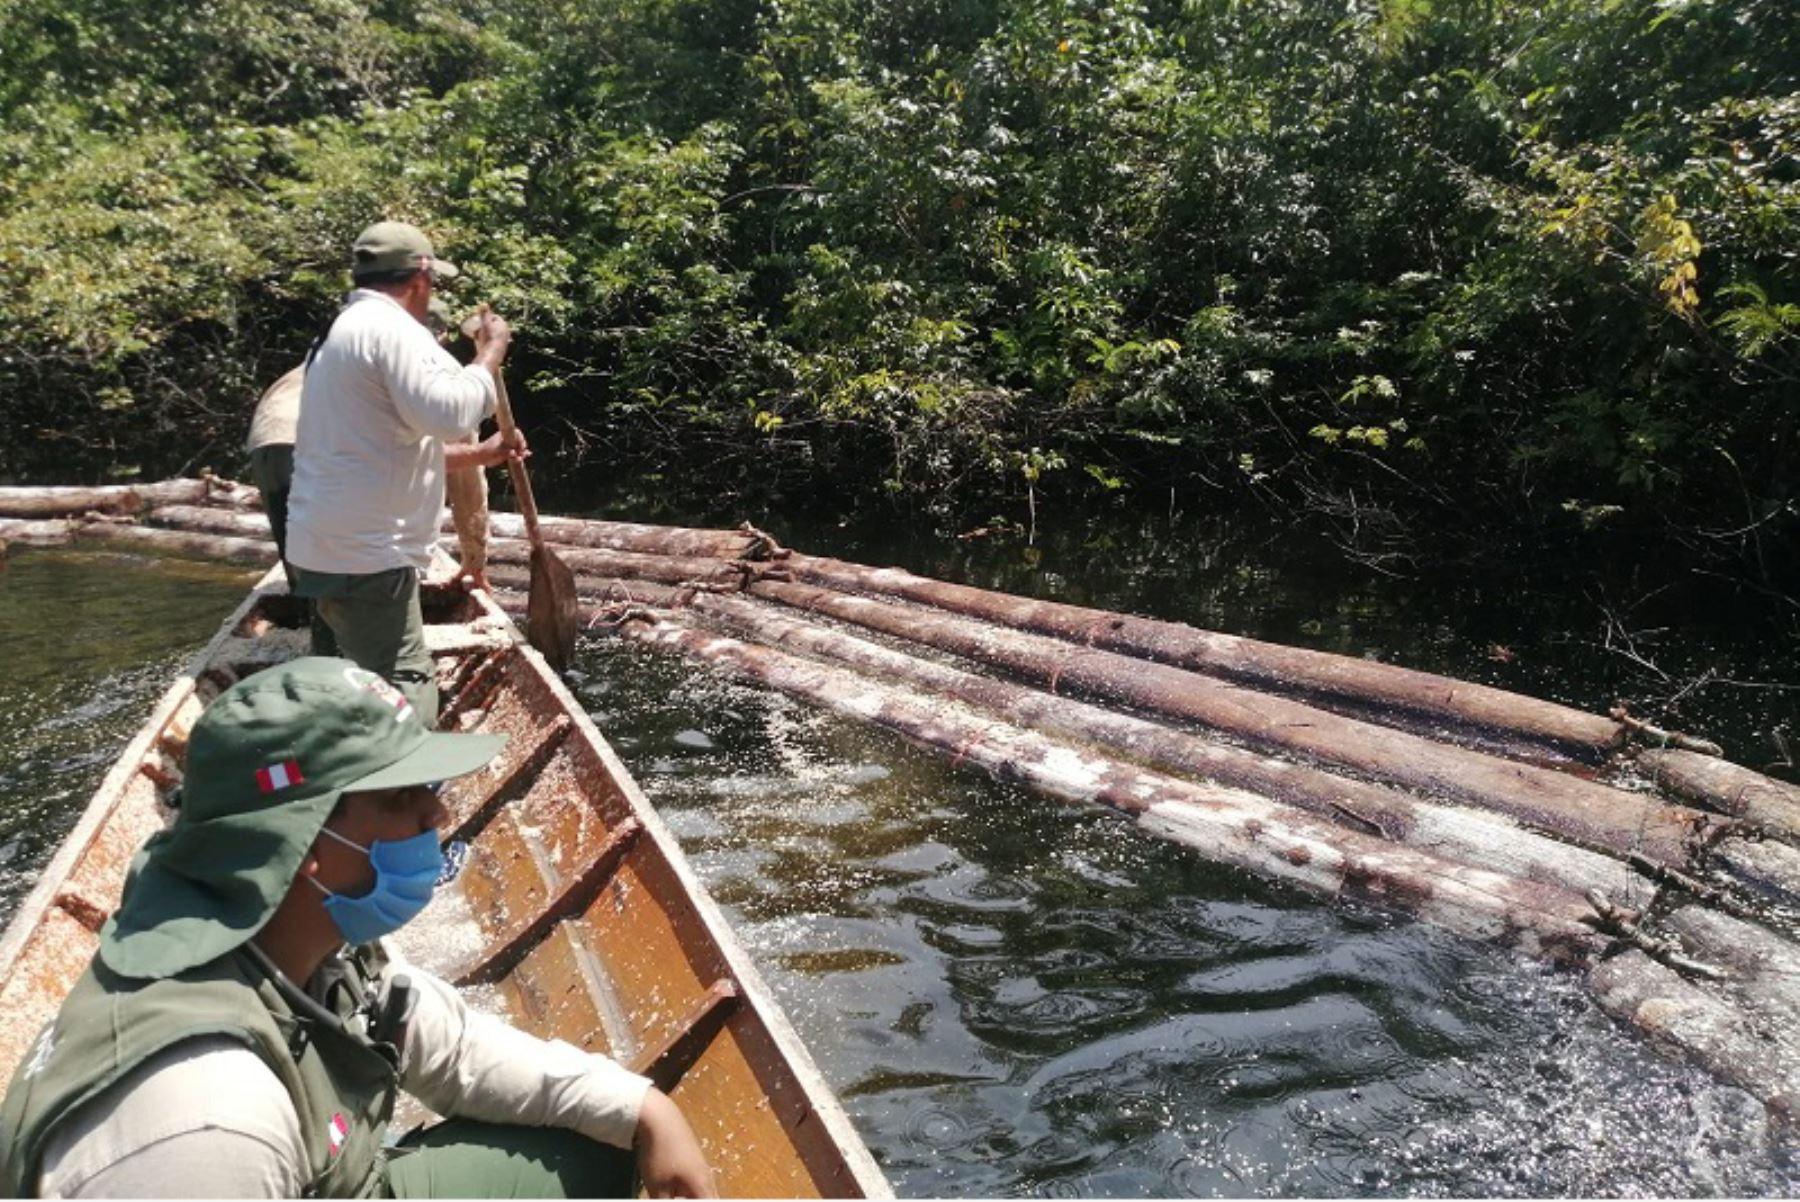 En el lugar se hallaron 60 trozas, equivalentes a 2,797 pies tablares, de la especie maderable cumala.